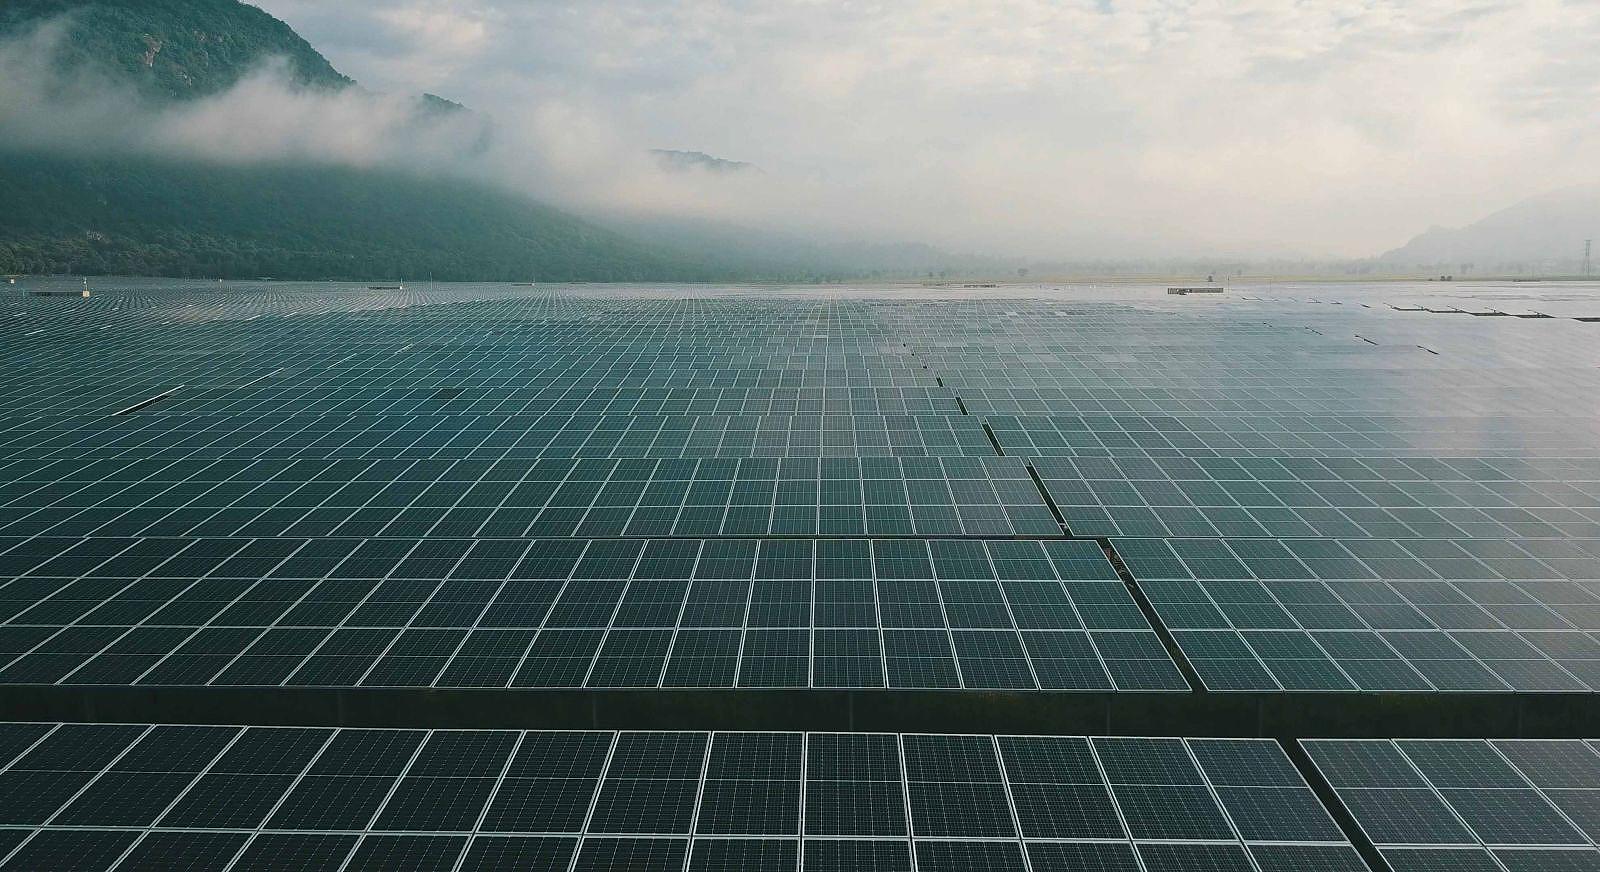 Nhà máy điện năng lượng mặt trời Sao Mai dưới chân núi Cấm.